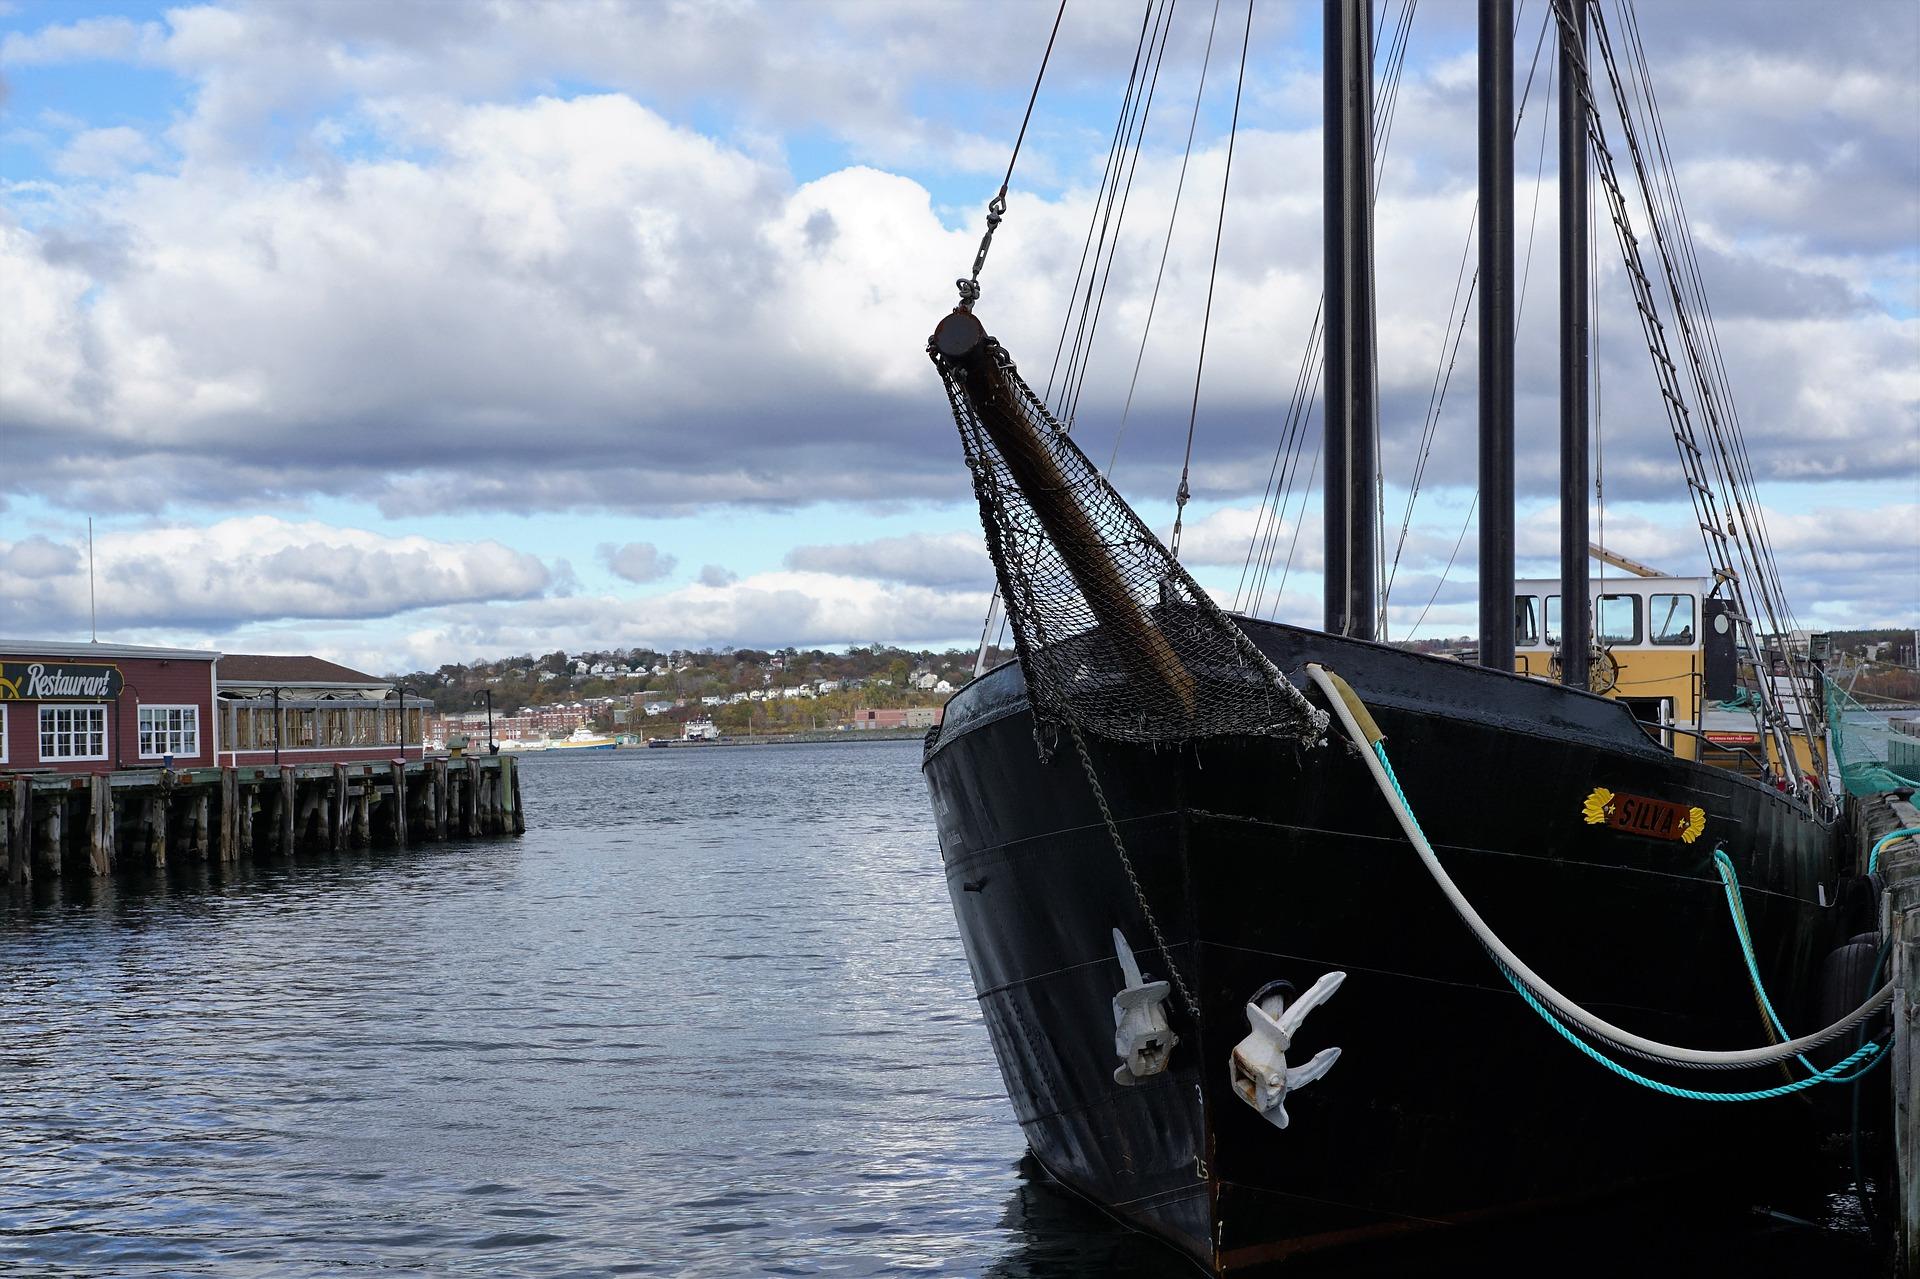 Tall Ship Silva (image courtesy of Pixabay)